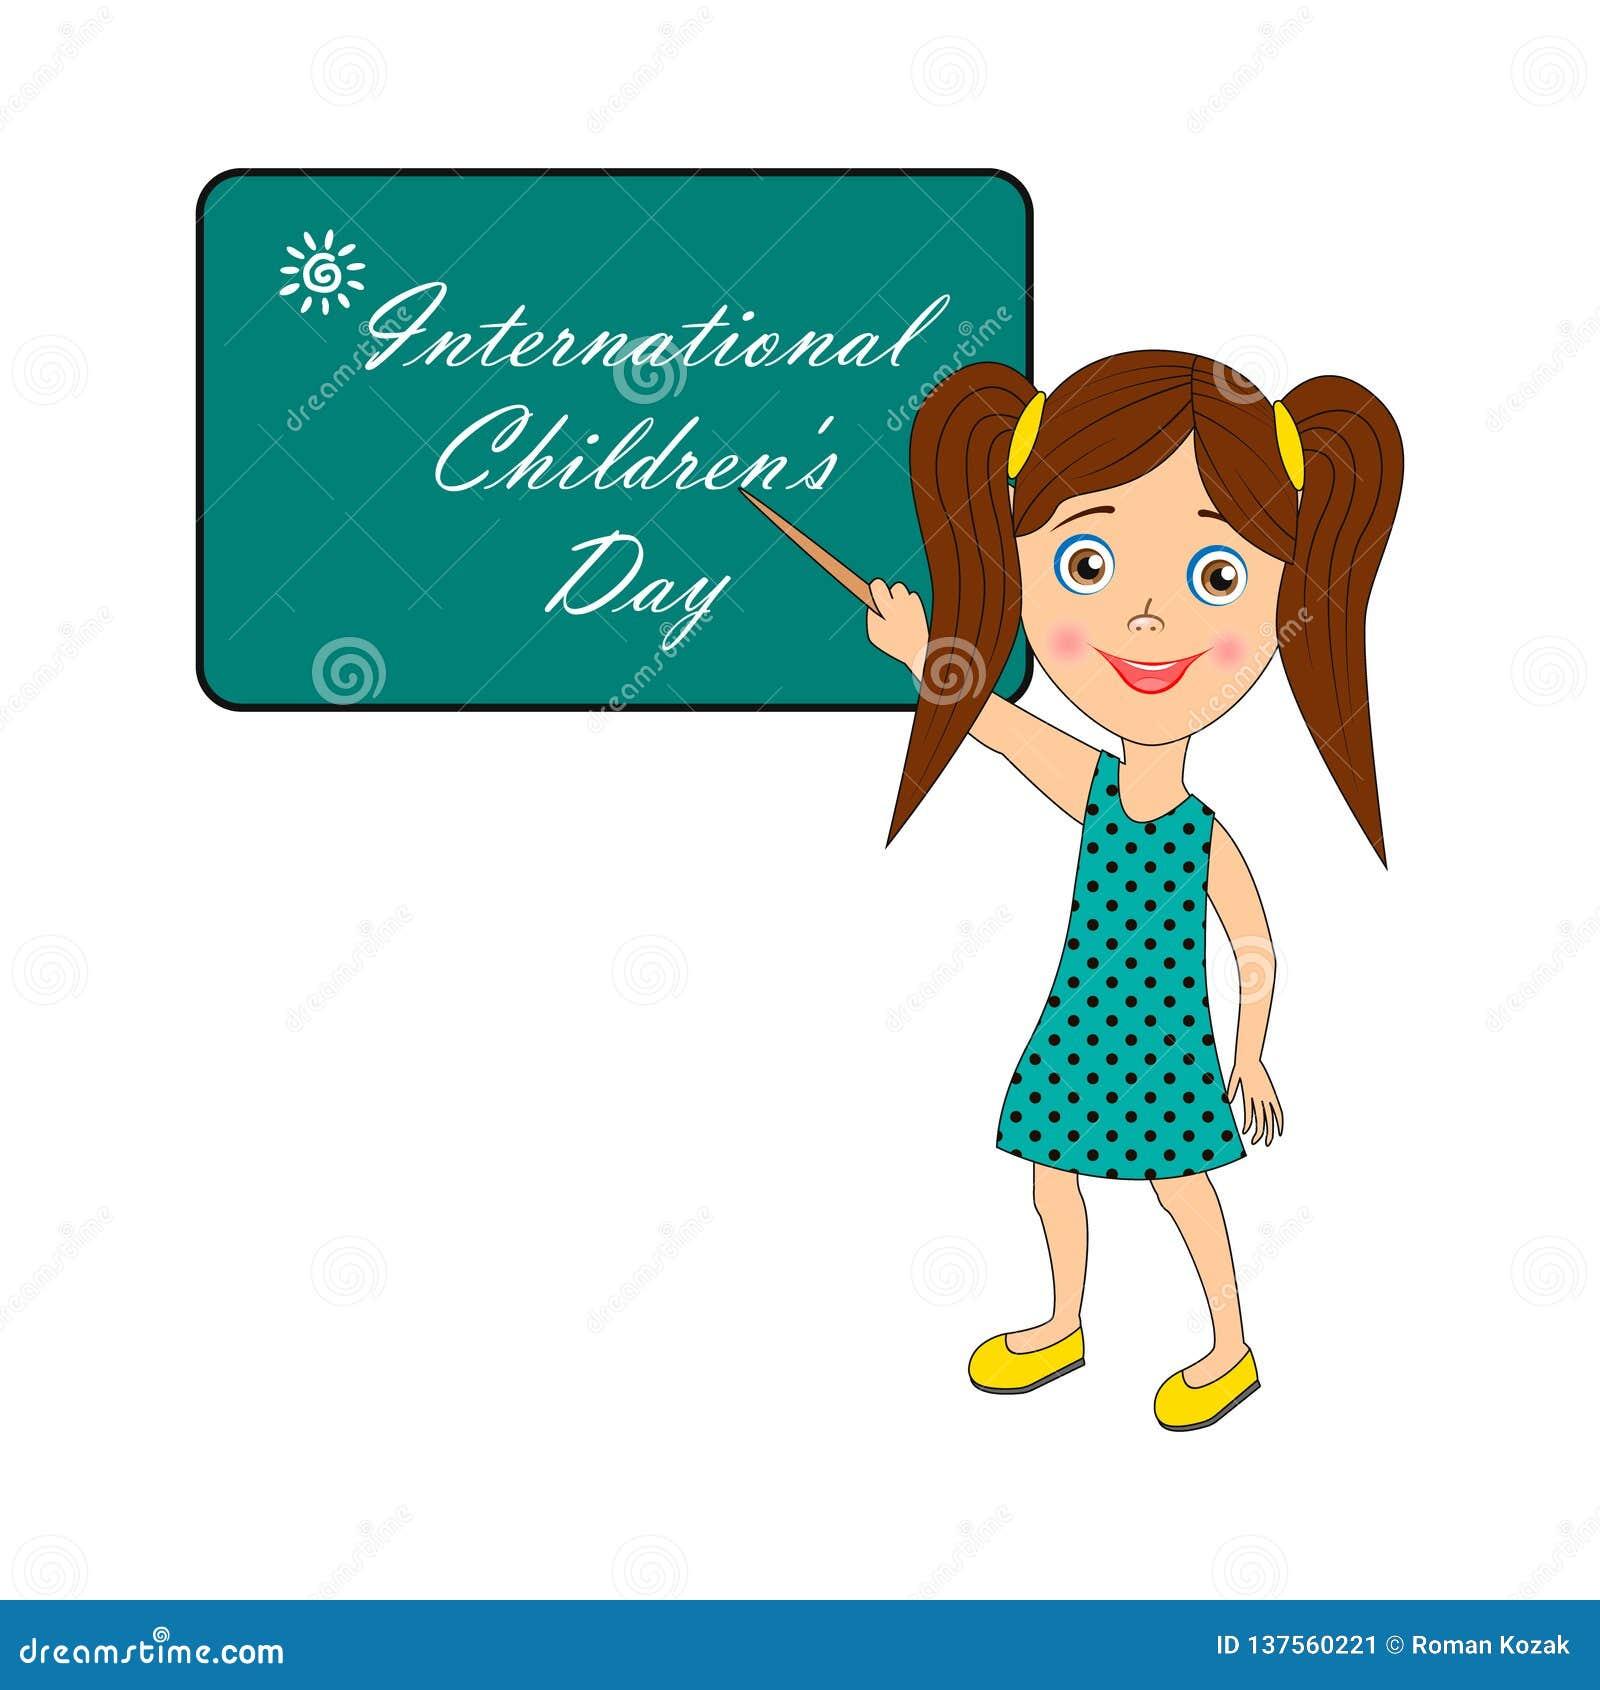 Internationella barns dag - bild med text